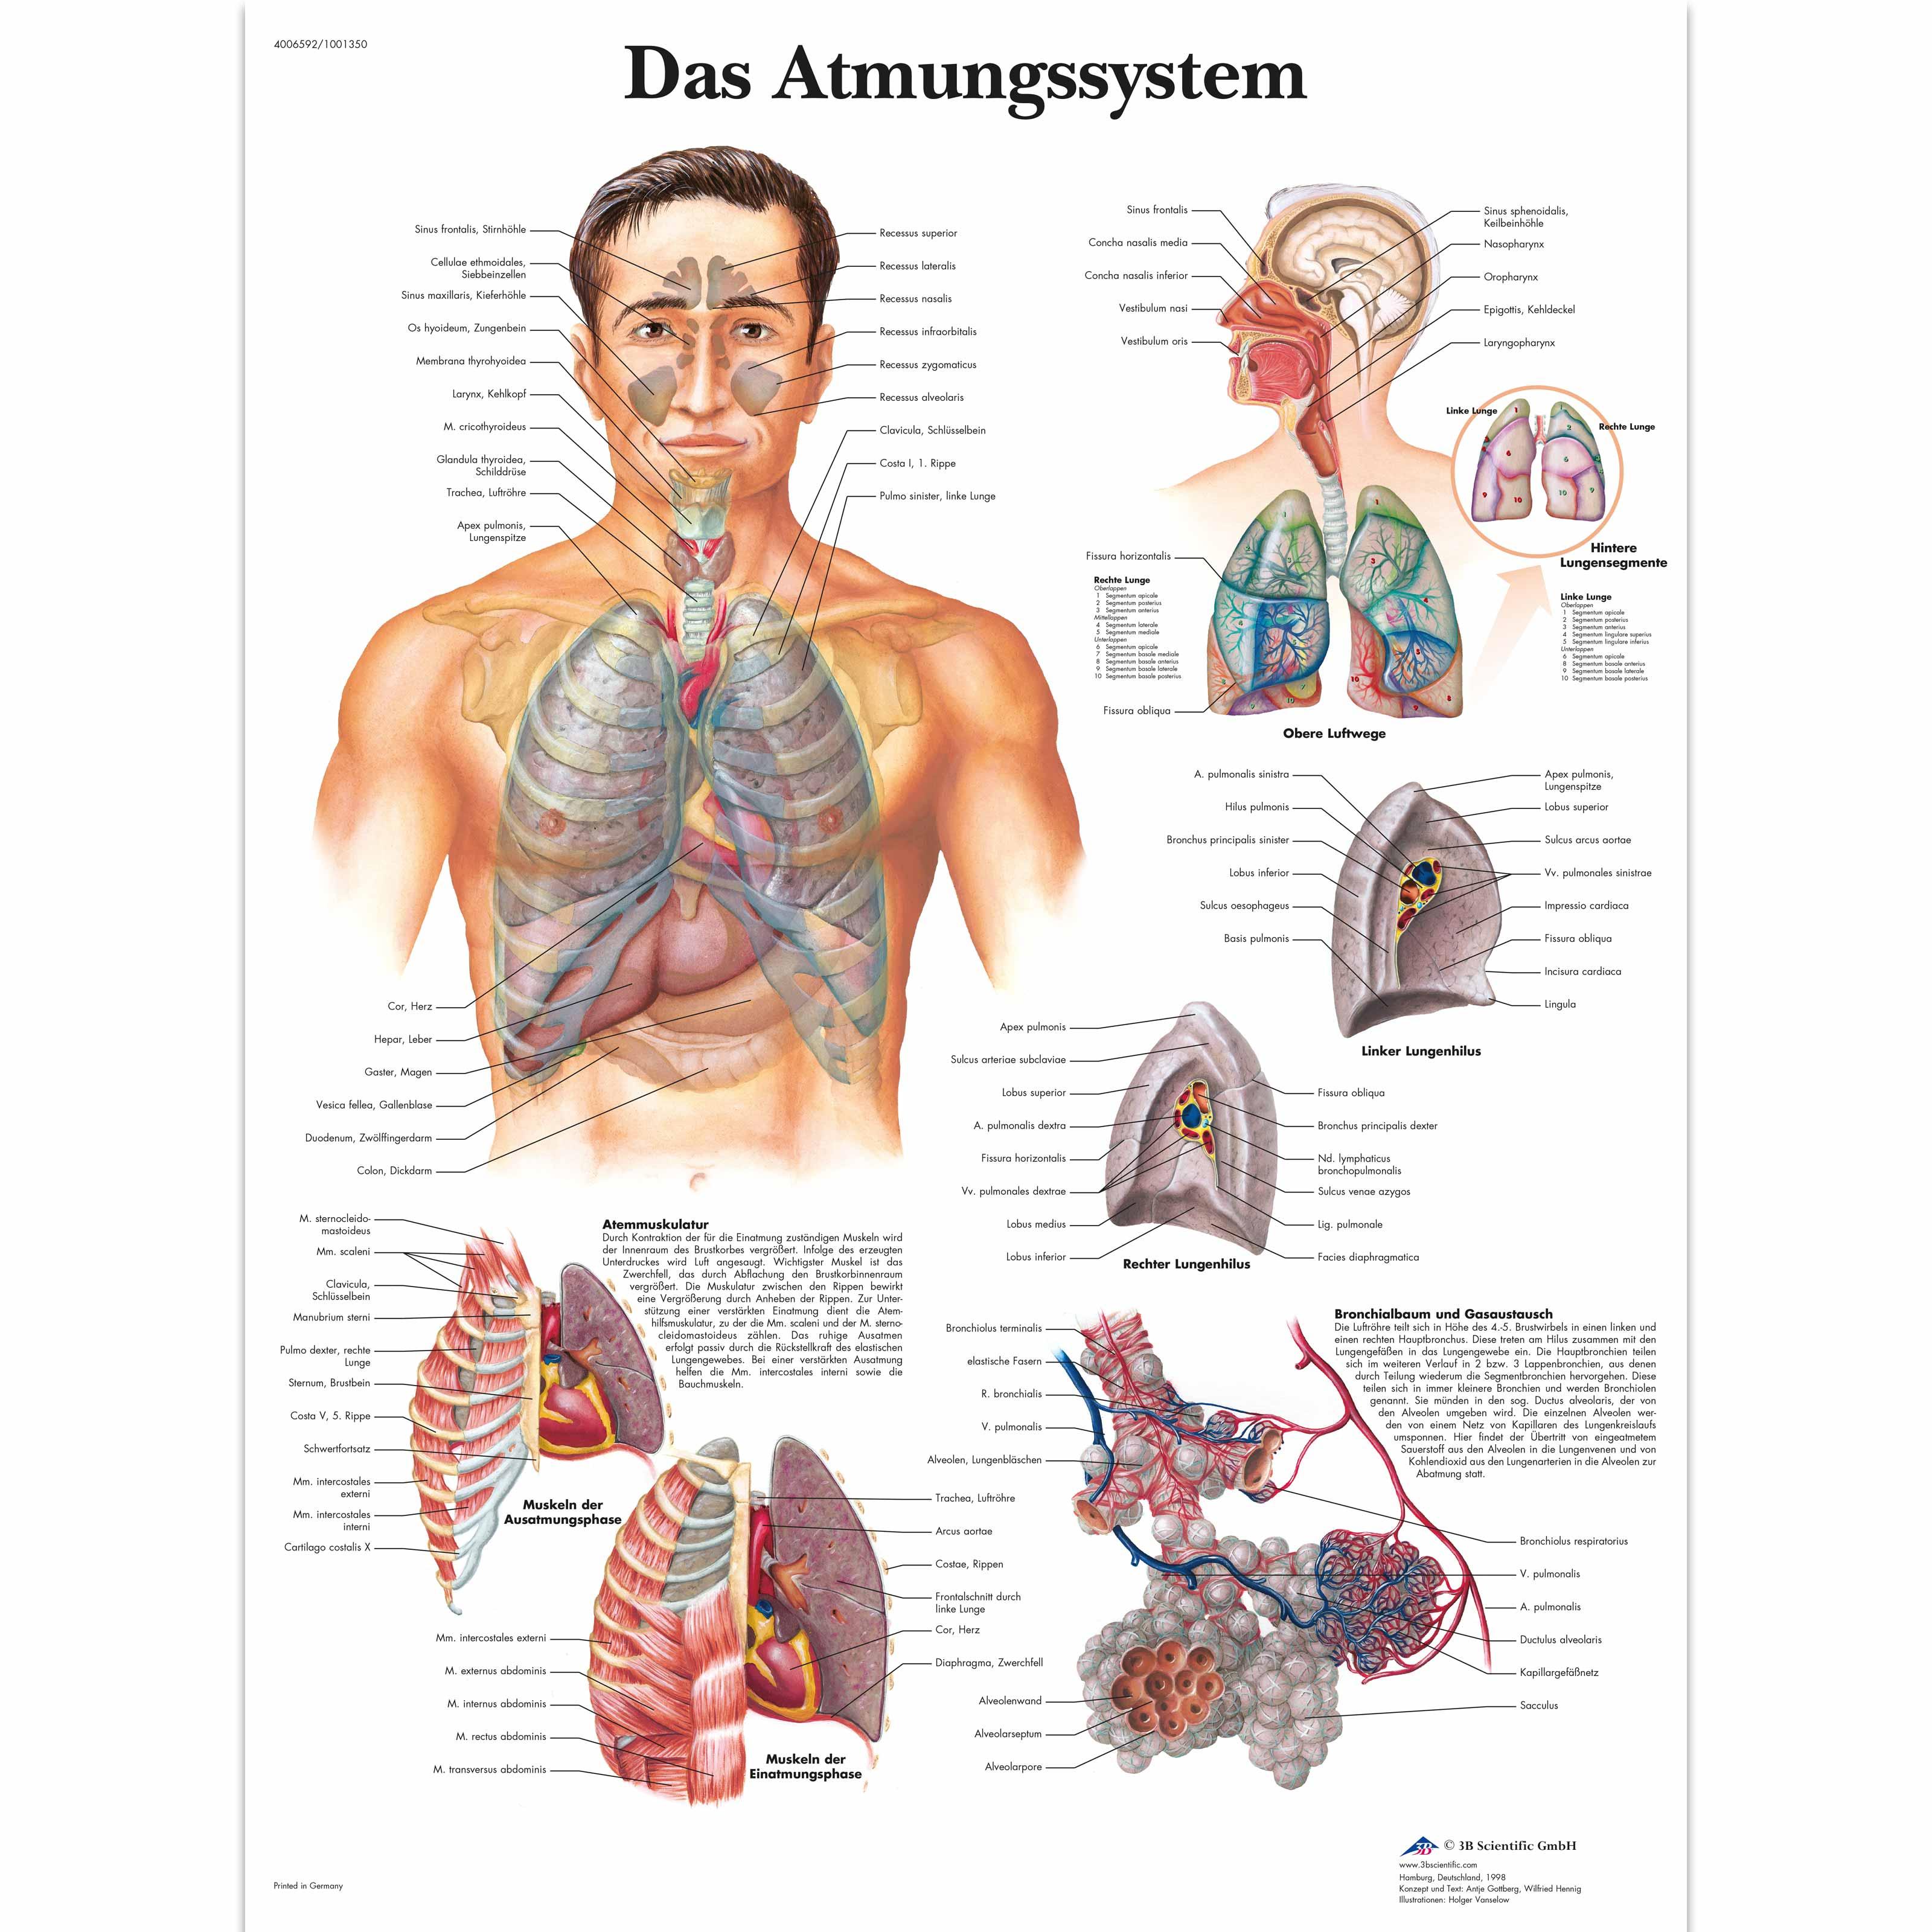 Nett Die Anatomie Des Atmungssystems Fotos - Anatomie Ideen ...